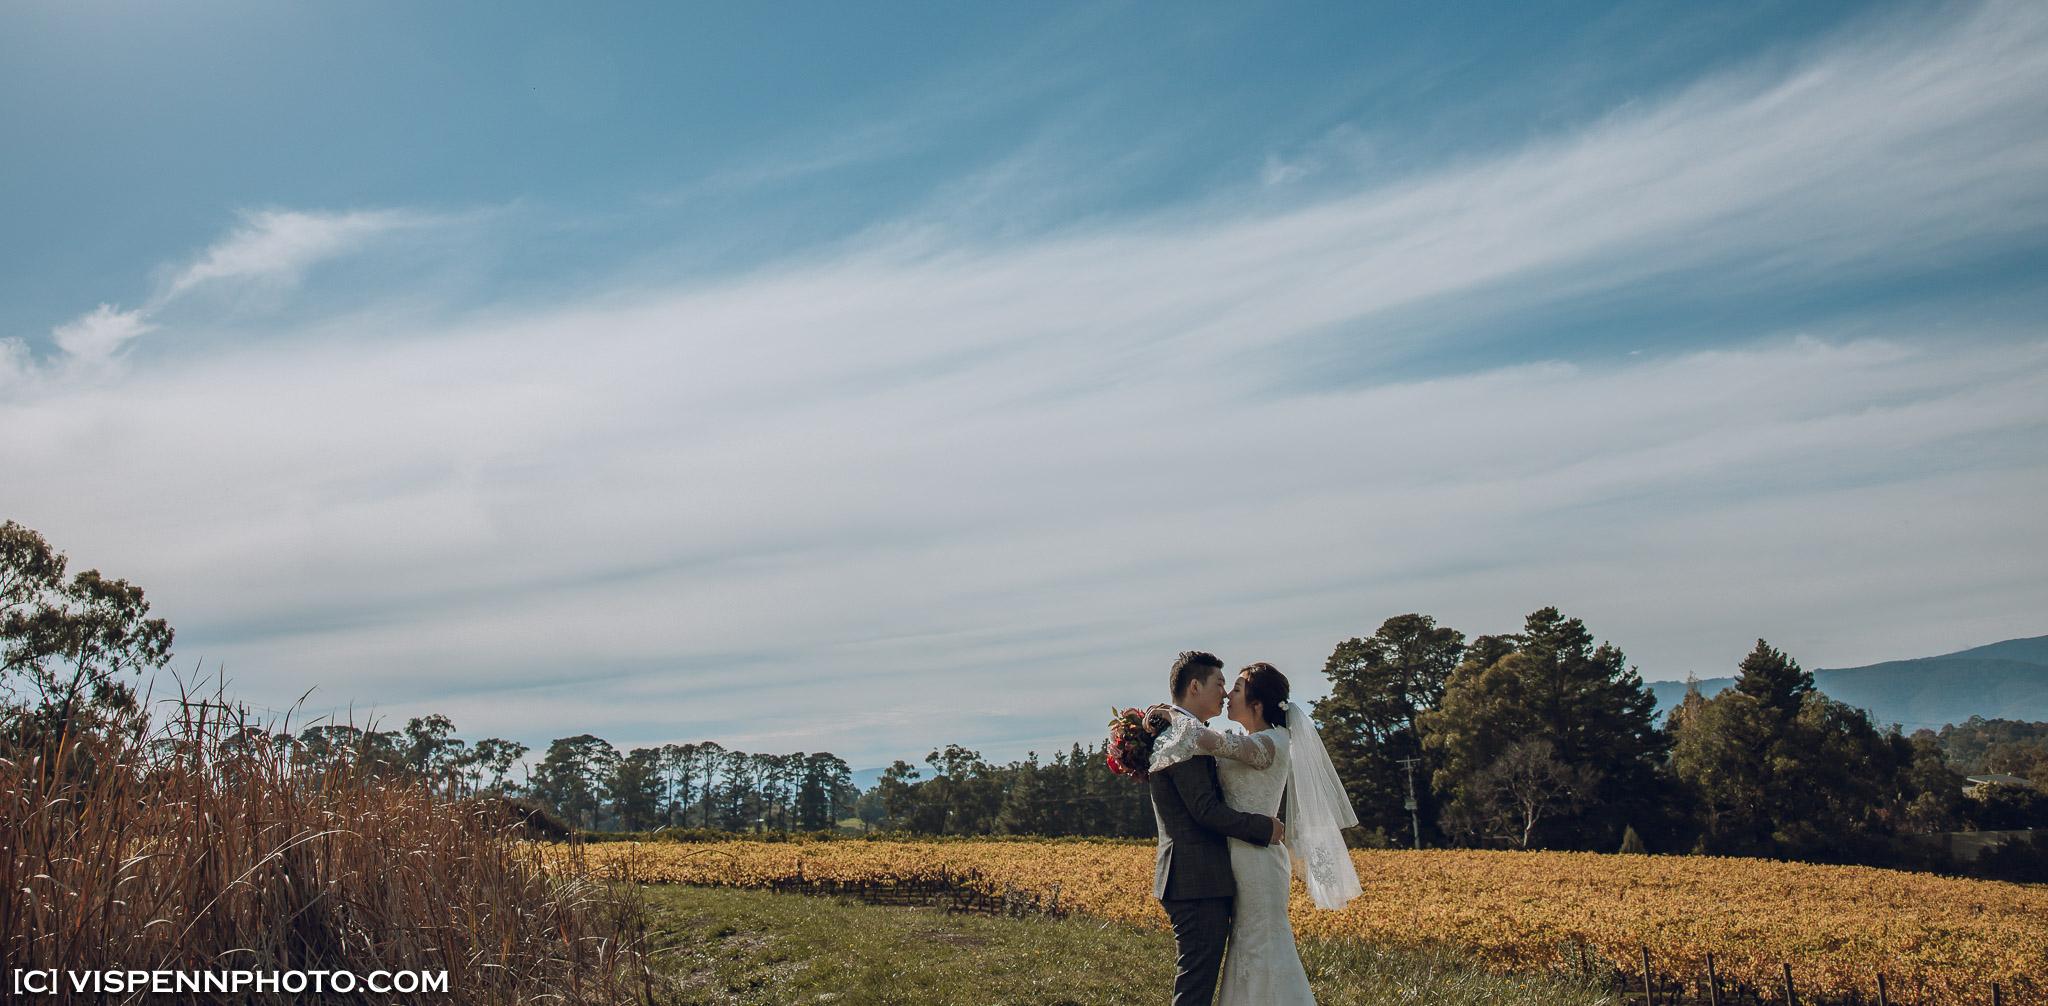 WEDDING DAY Photography Melbourne DominicHelen 1P 3933 EOSR ZHPENN